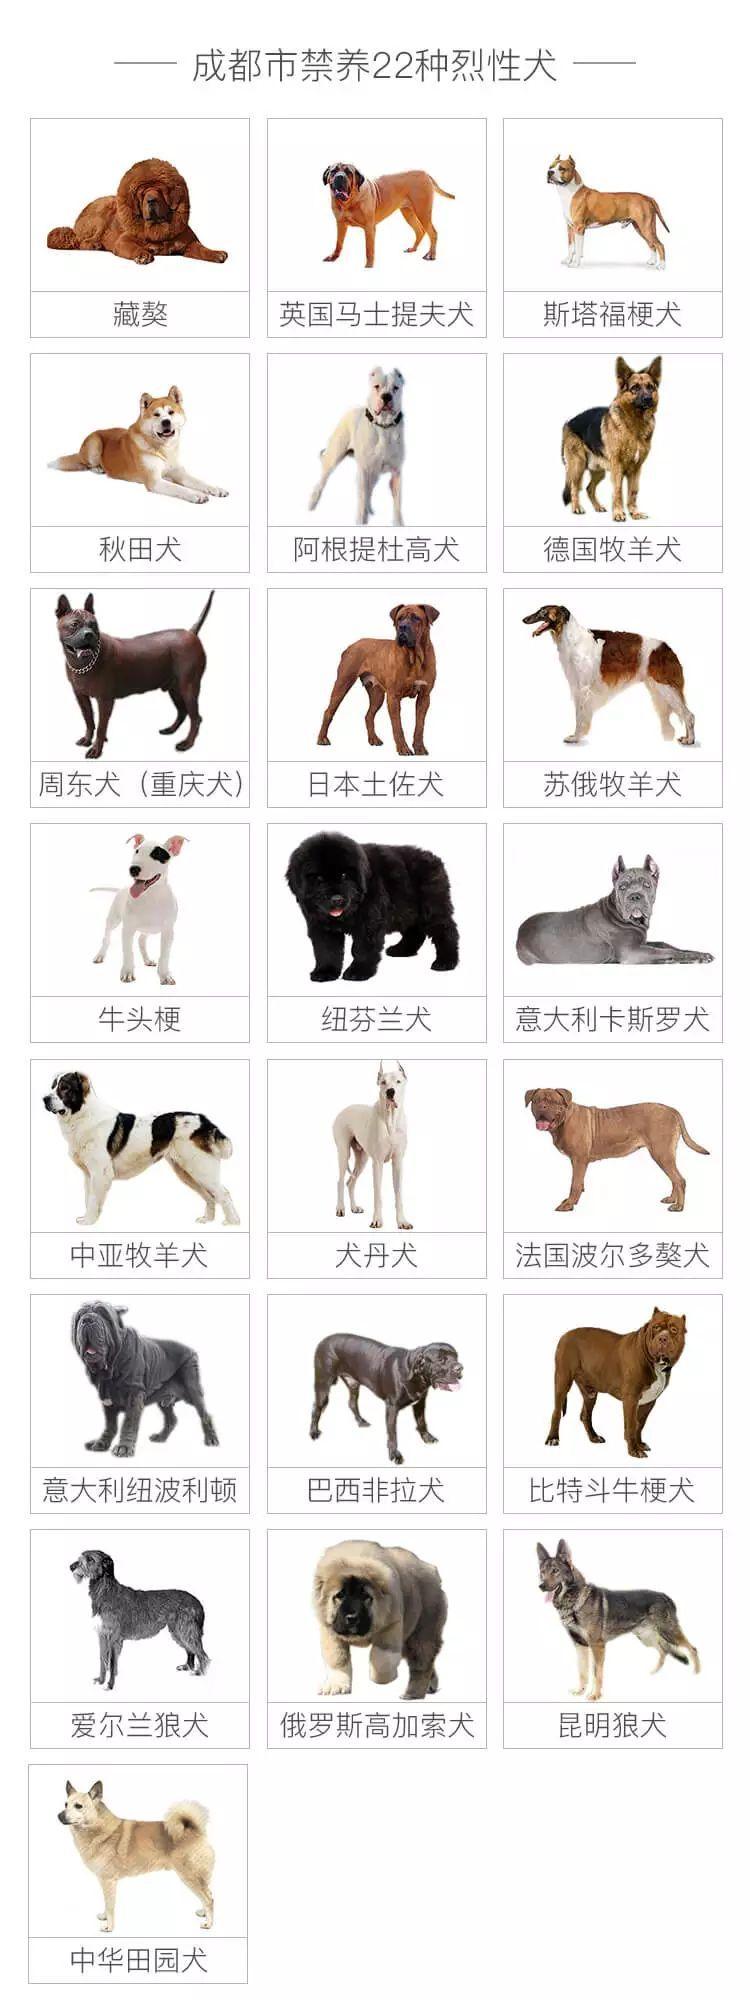 11月16日起四川省成都市禁养22种烈性、大型犬